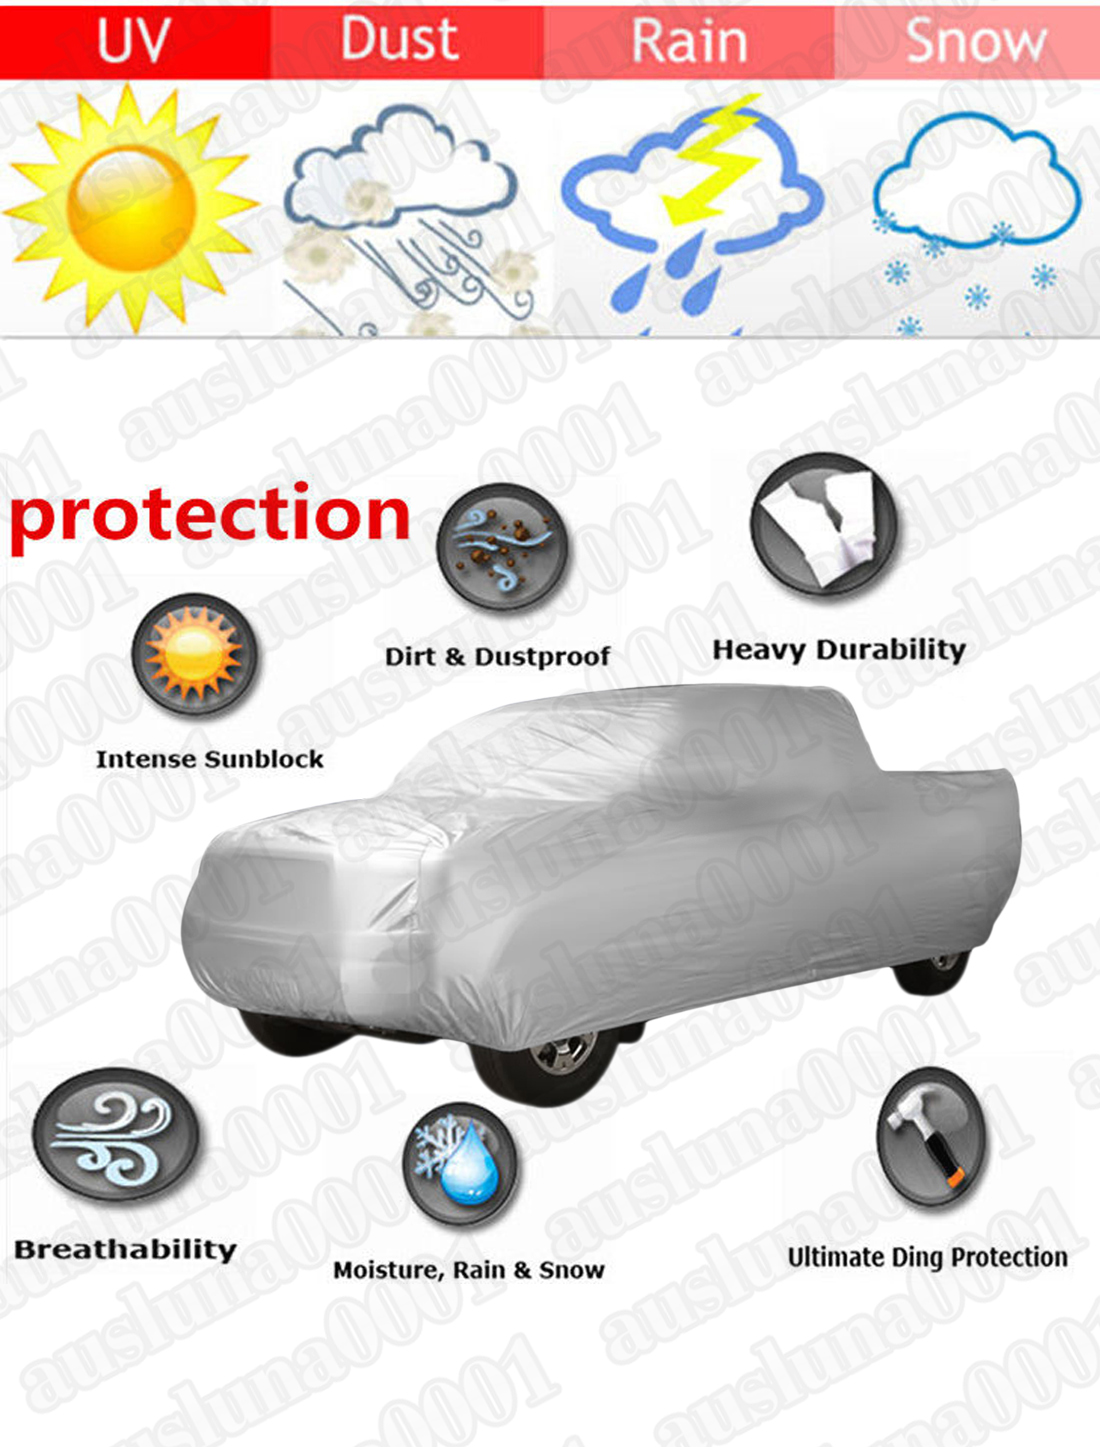 UXCELL imperméable à l'eau Stormproof camion pick-up extérieur intérieur bâche de voiture protecteur 6.5 M - 3